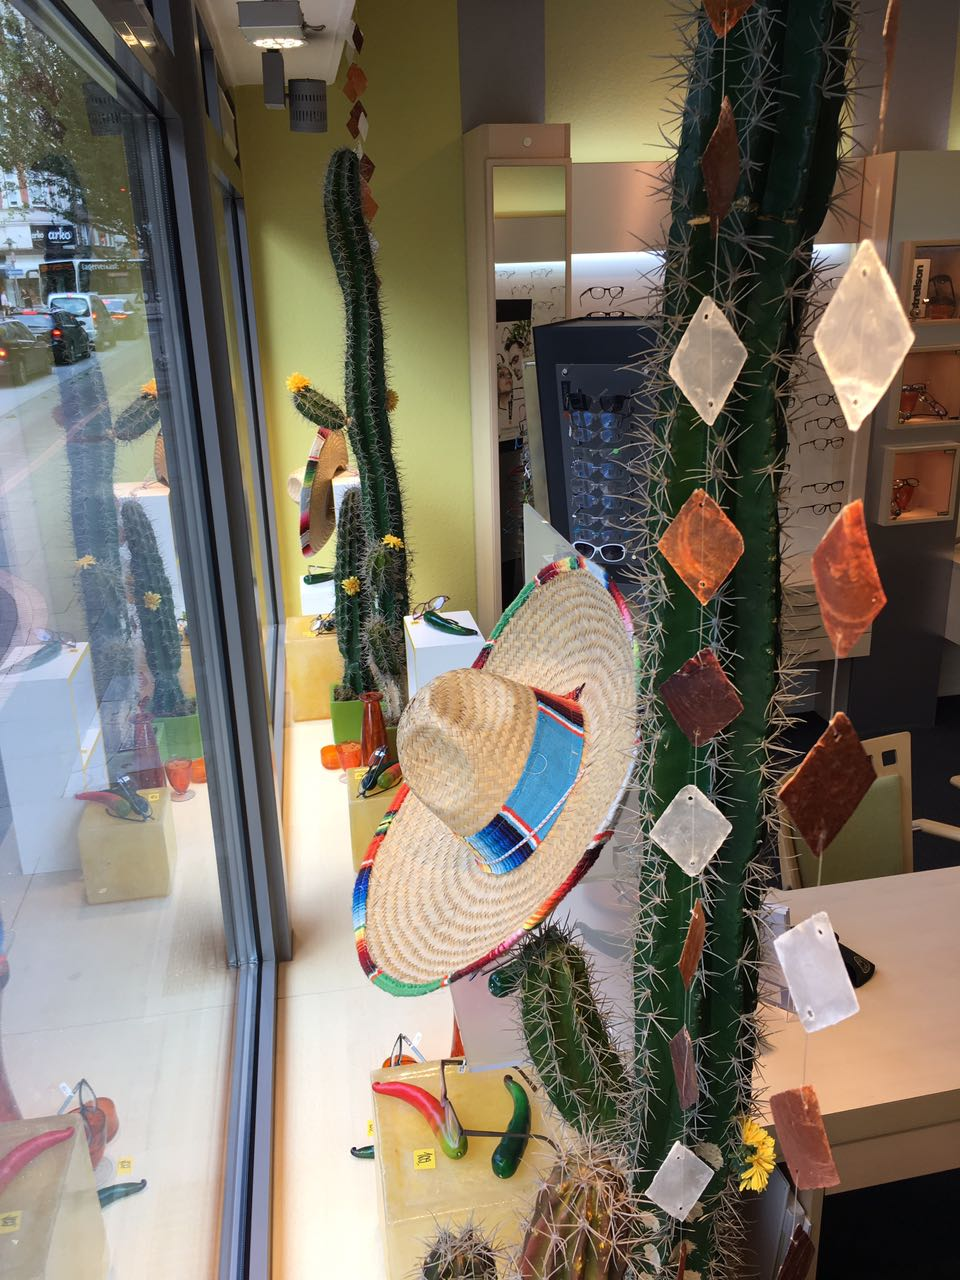 Mexikanische dekoration visuelles design for Mexikanische dekoration